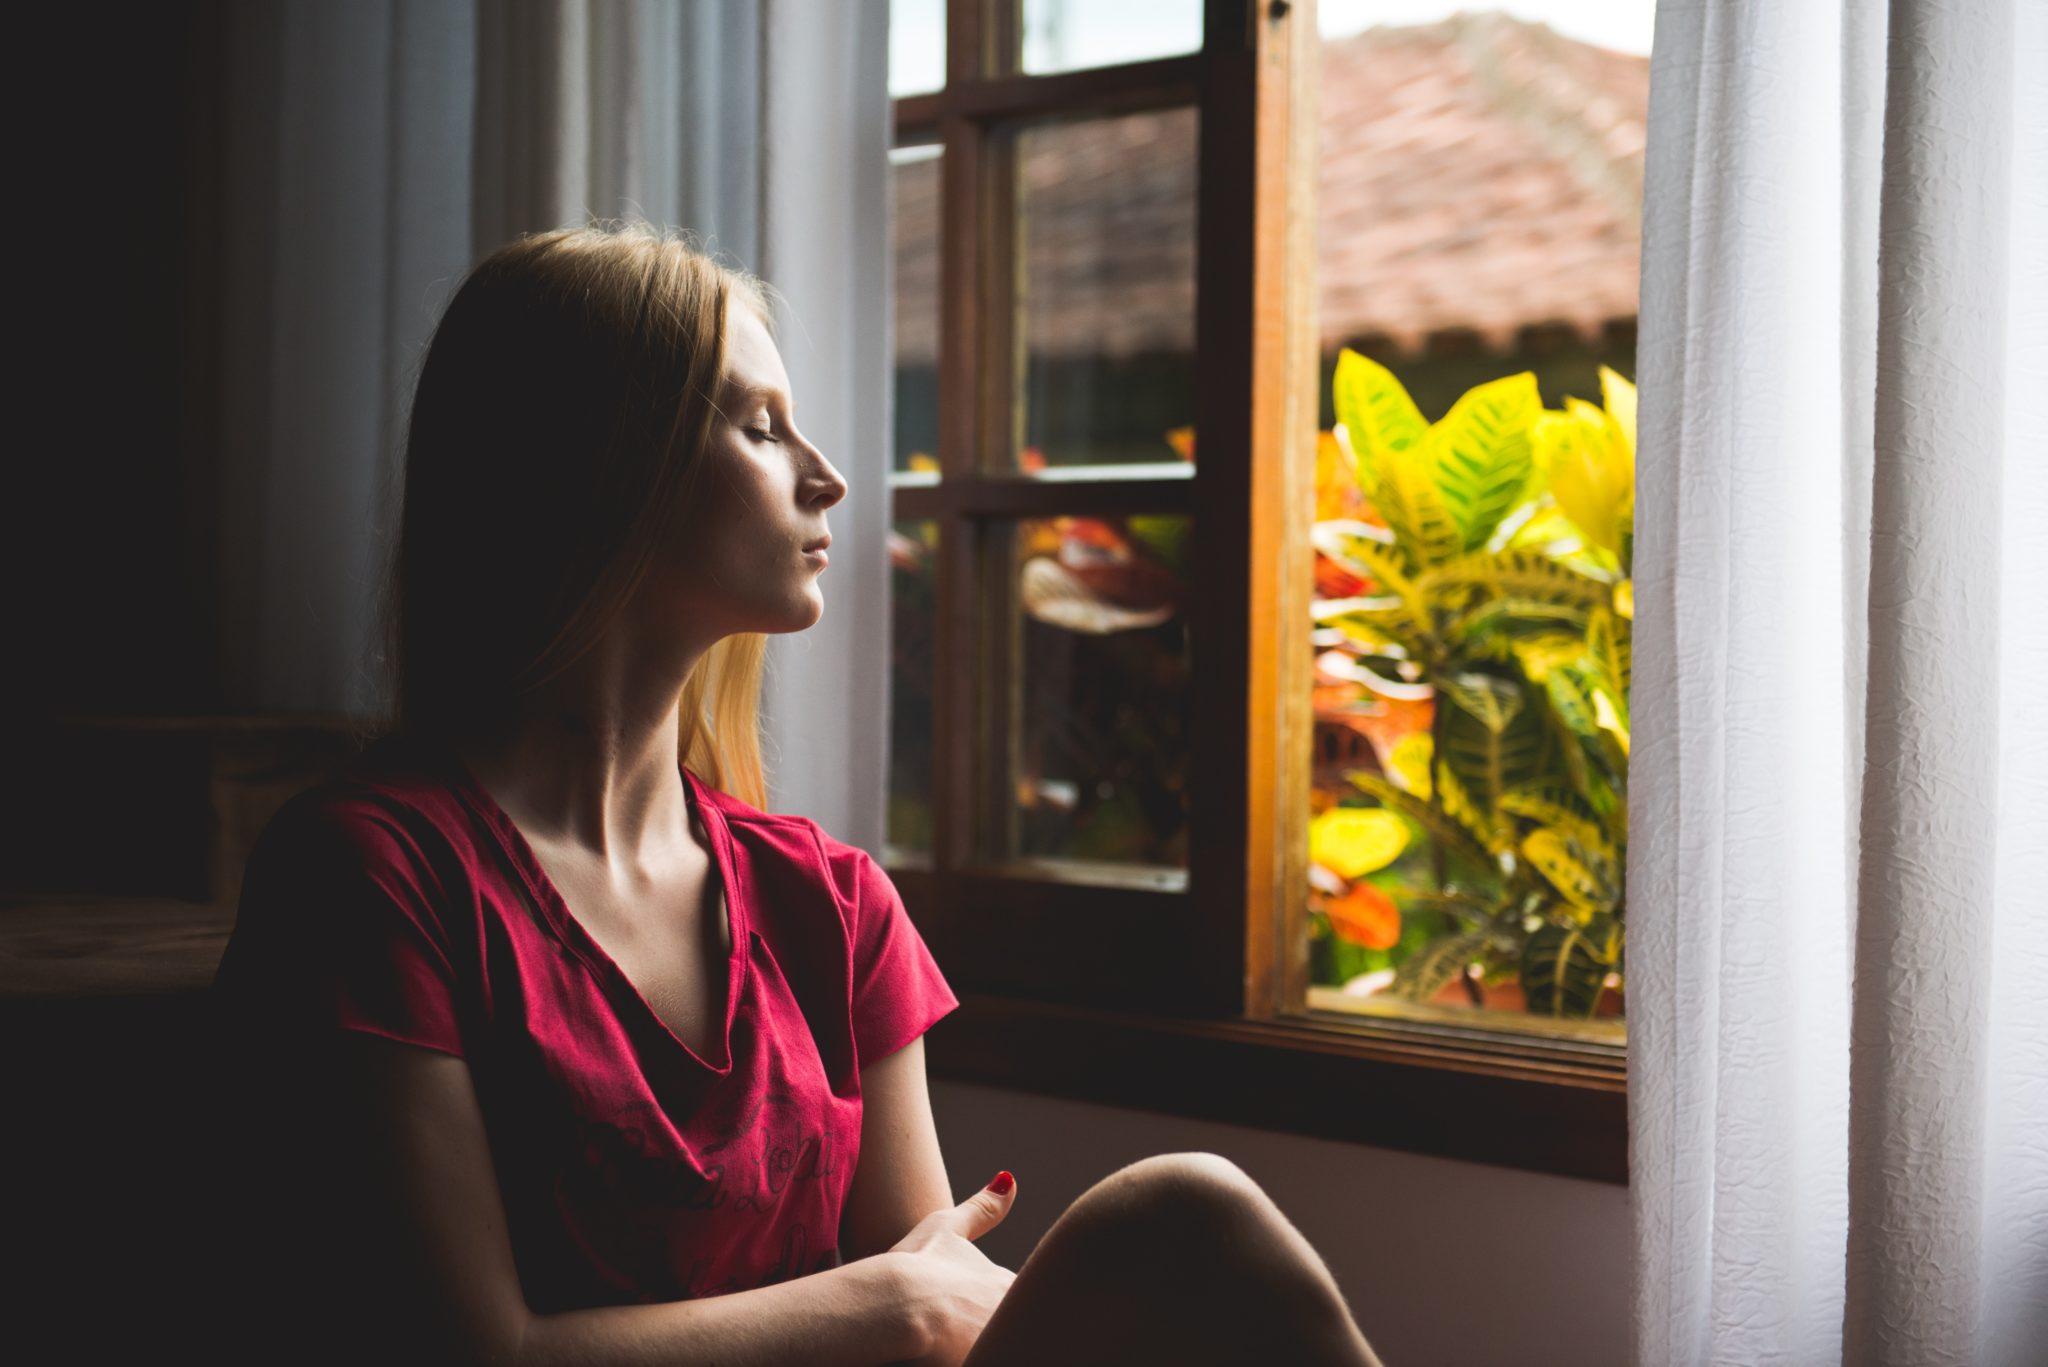 Relaksacja: 4 najlepsze techniki i ćwiczenia relaksacyjne